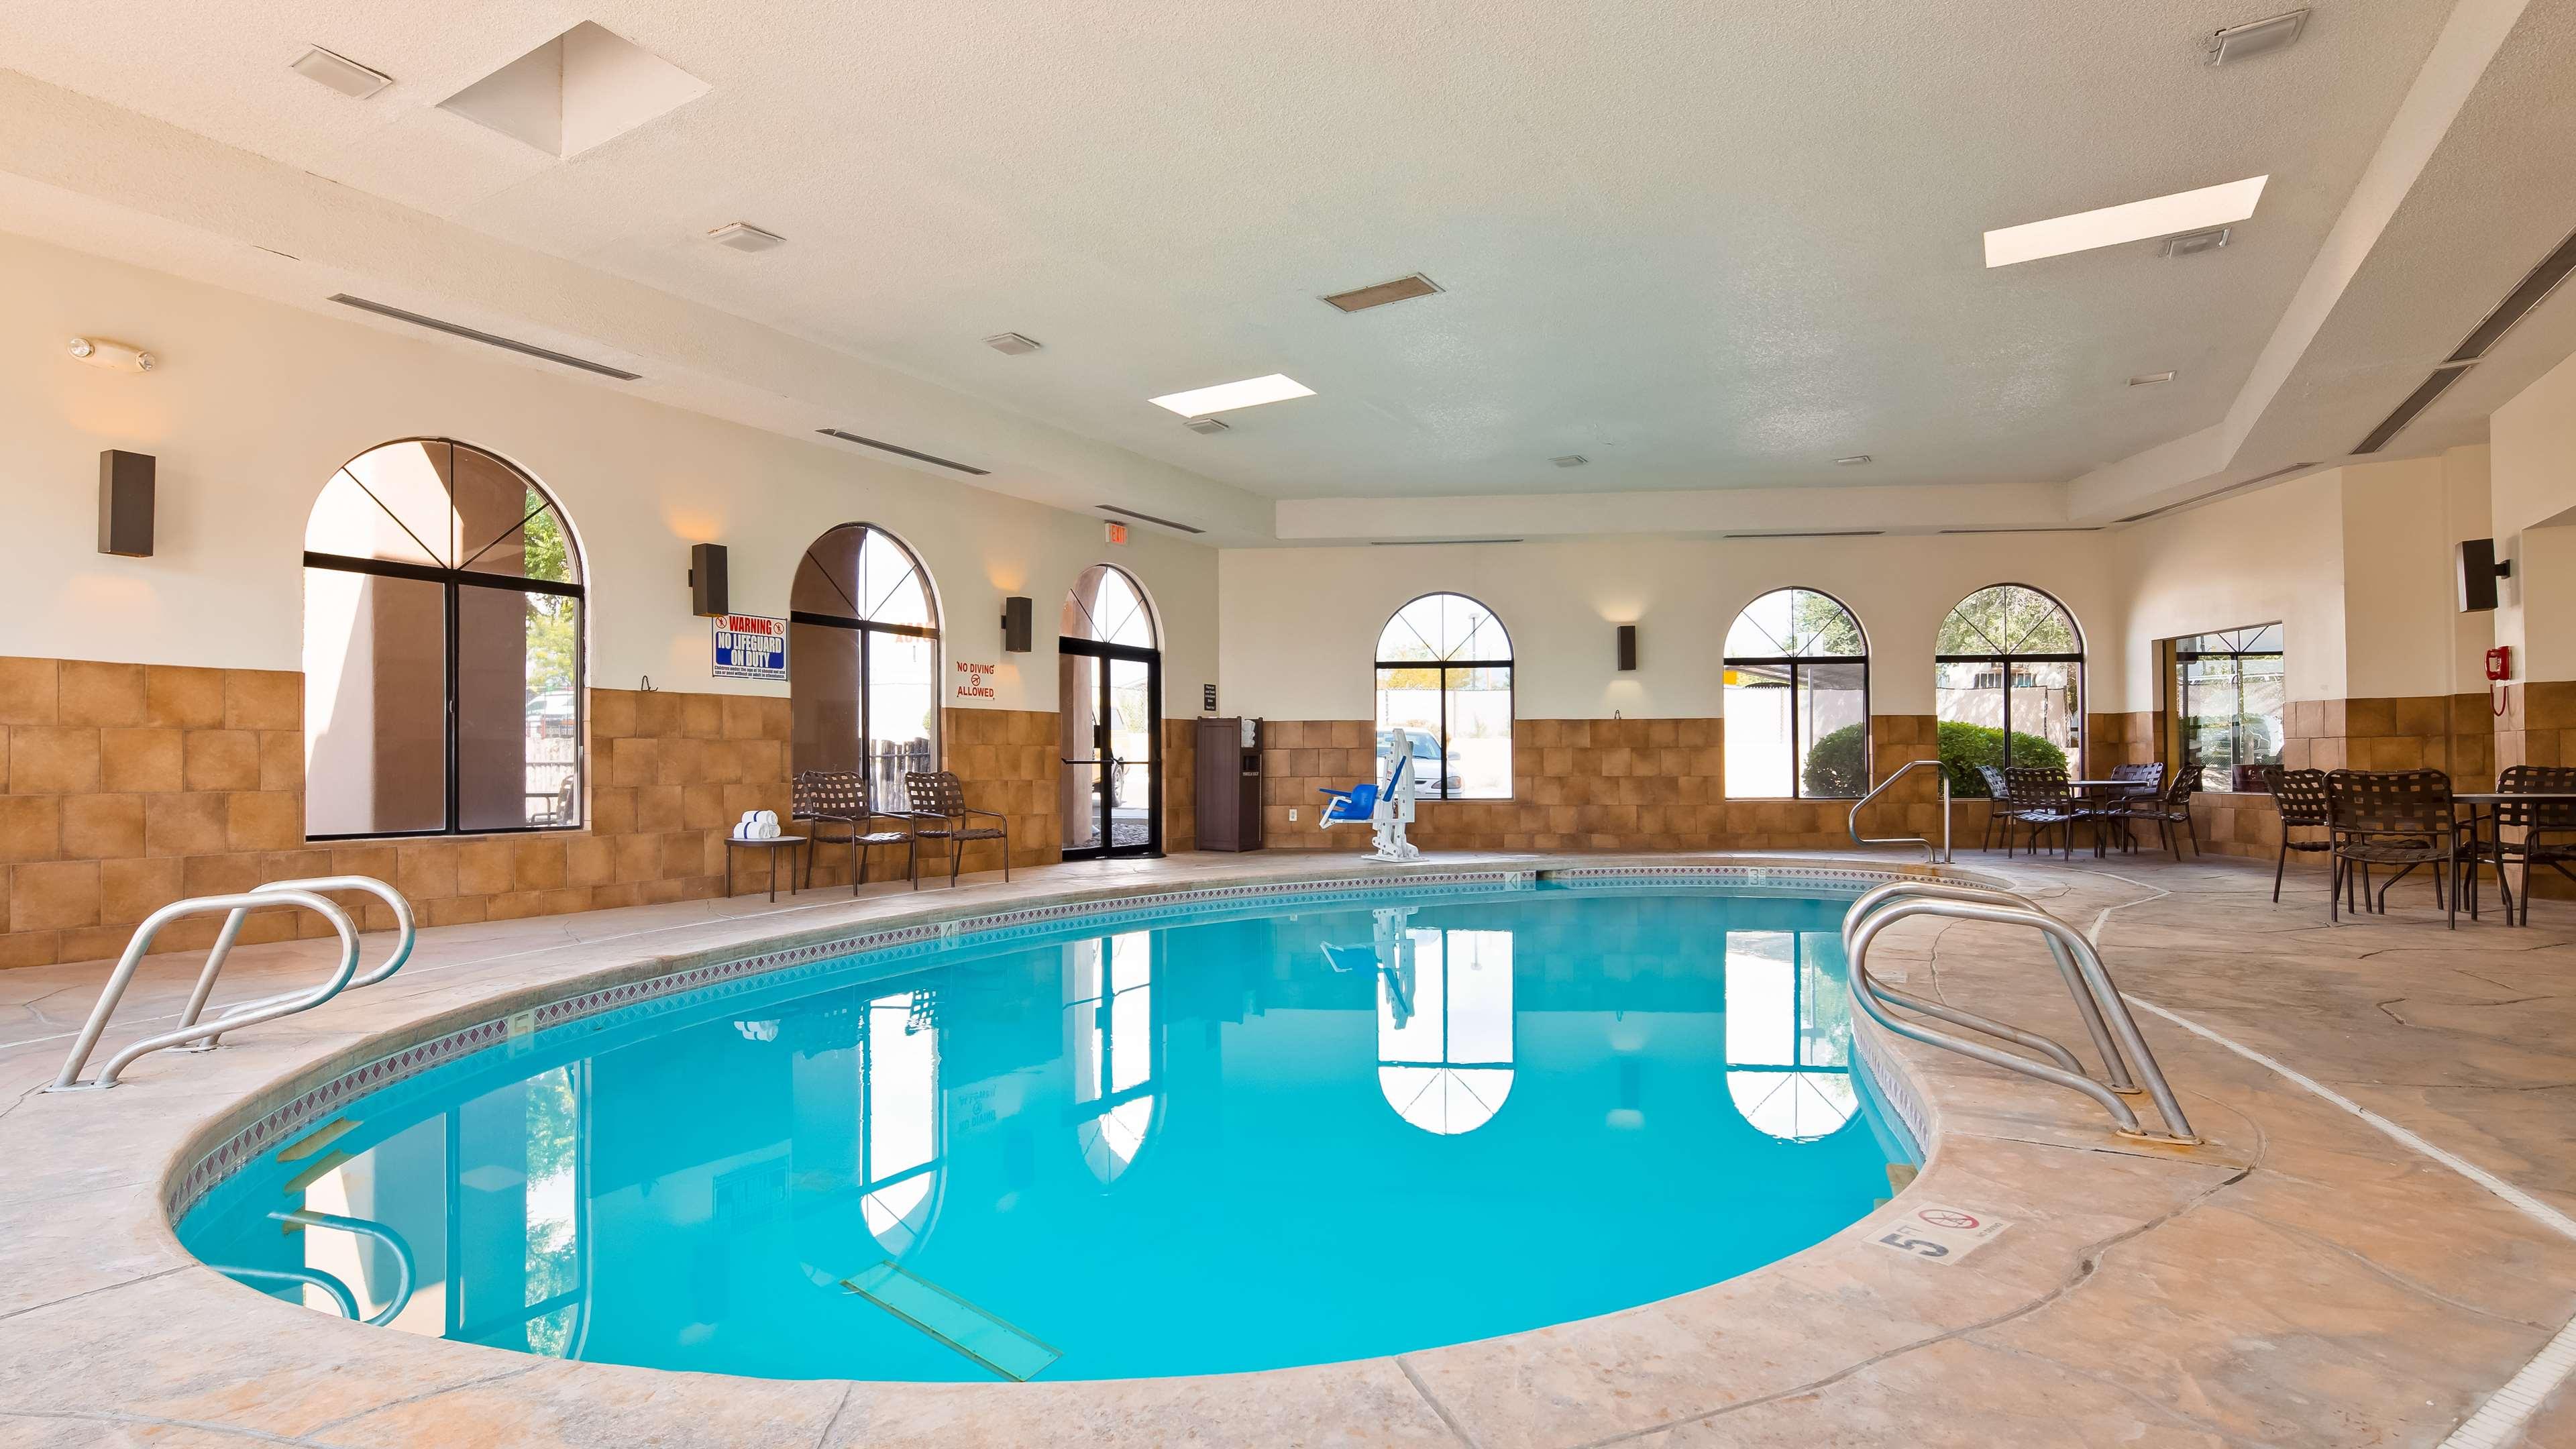 Best Western Plus Inn of Santa Fe image 3